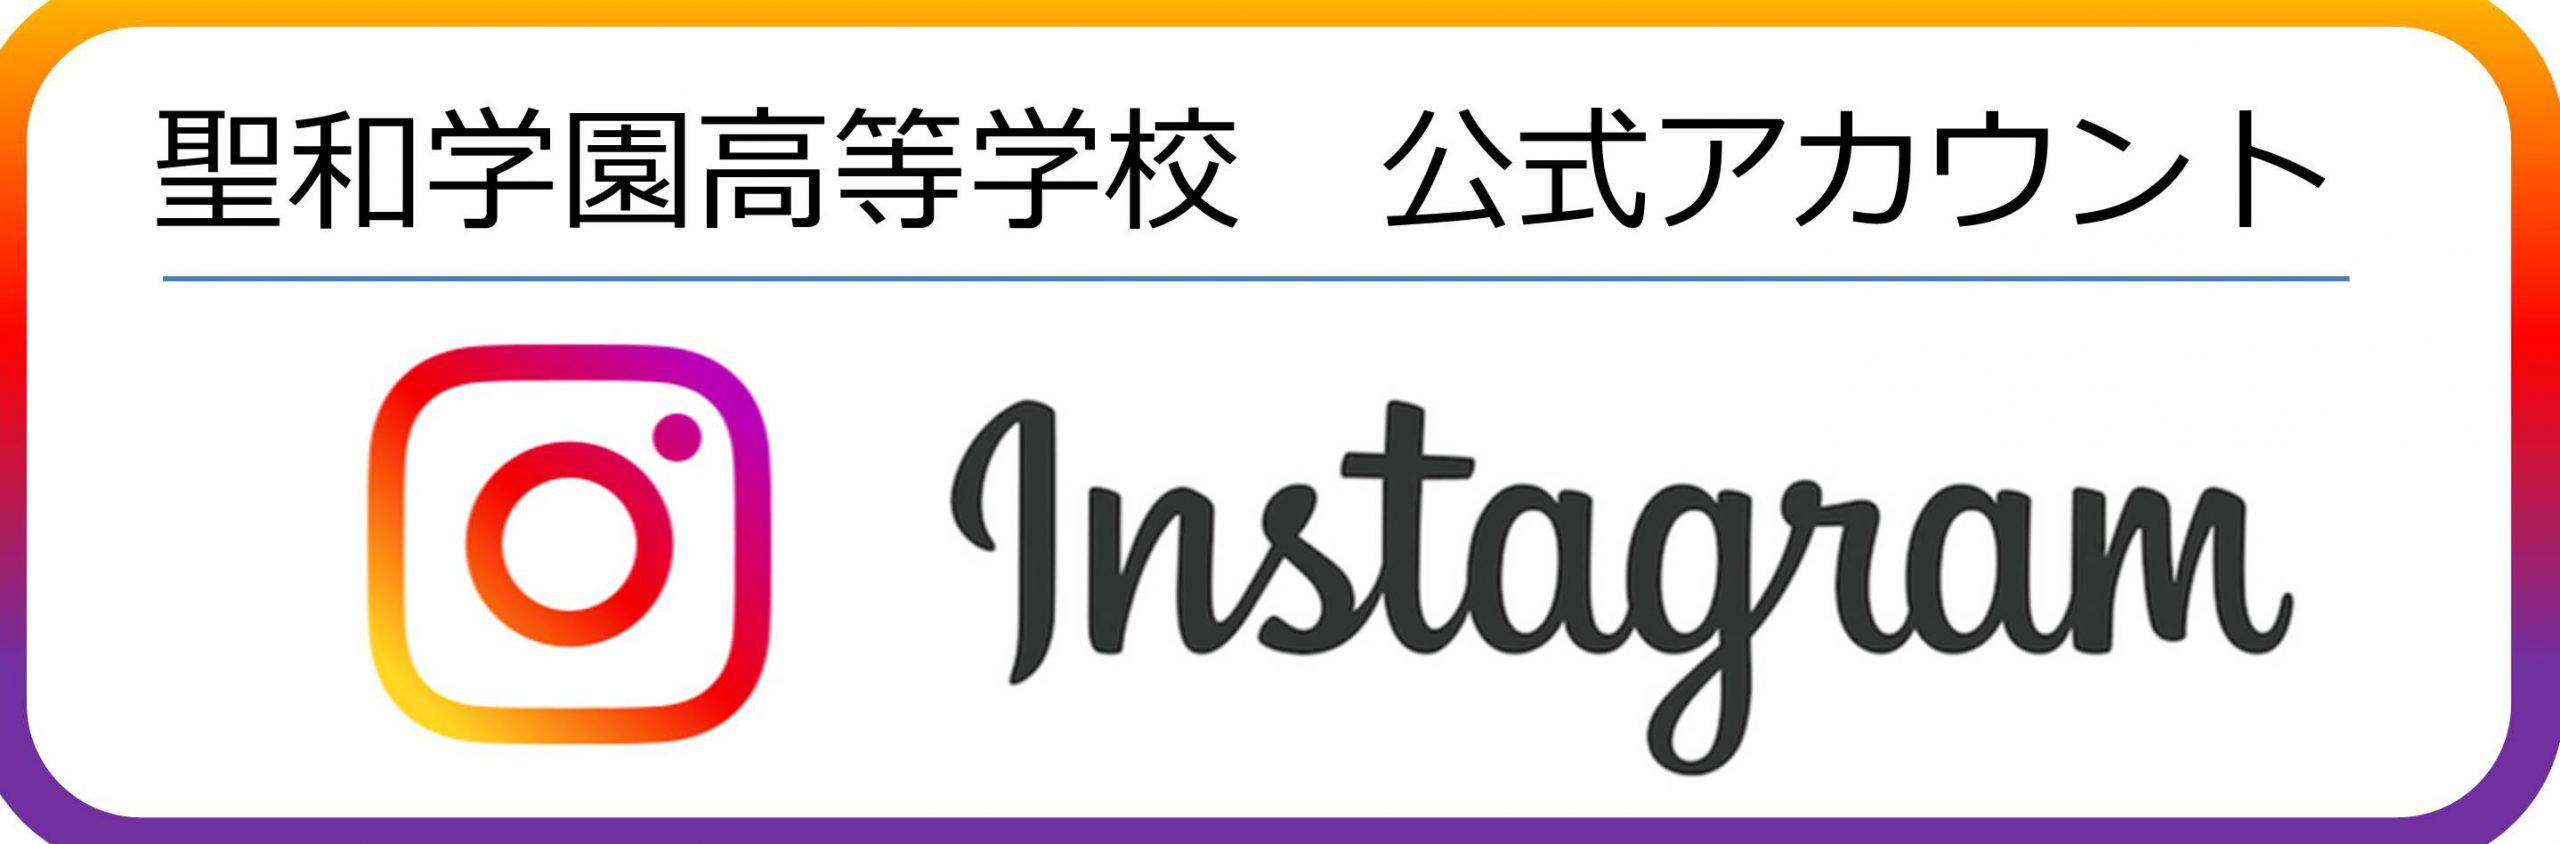 聖和学園高等学校公式instagram